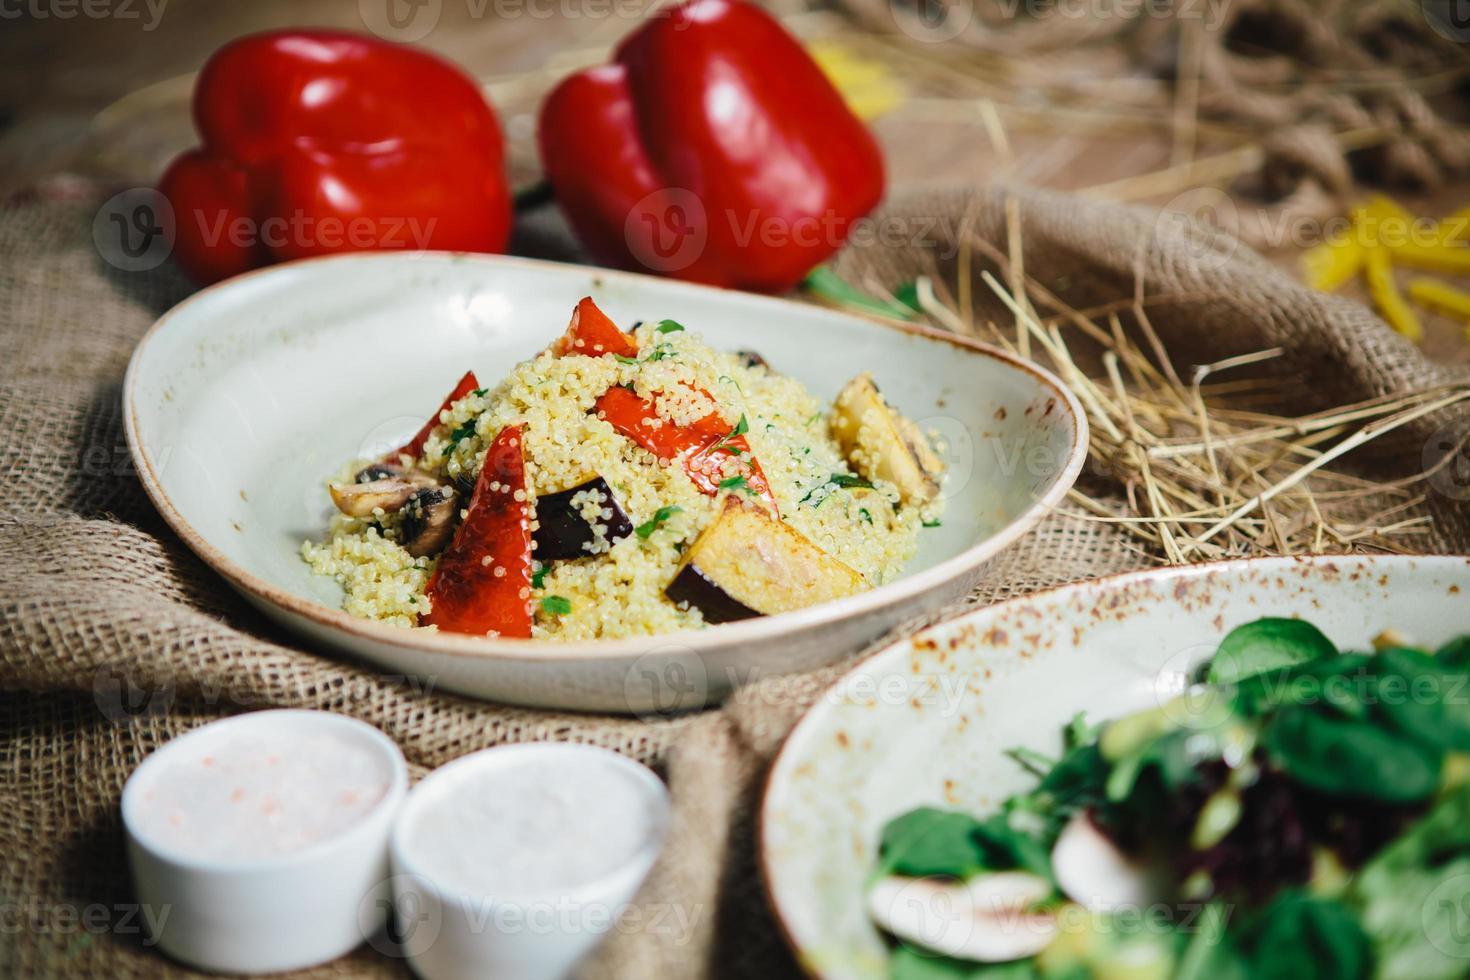 salade de quinoa aux tomates, maïs et haricots photo